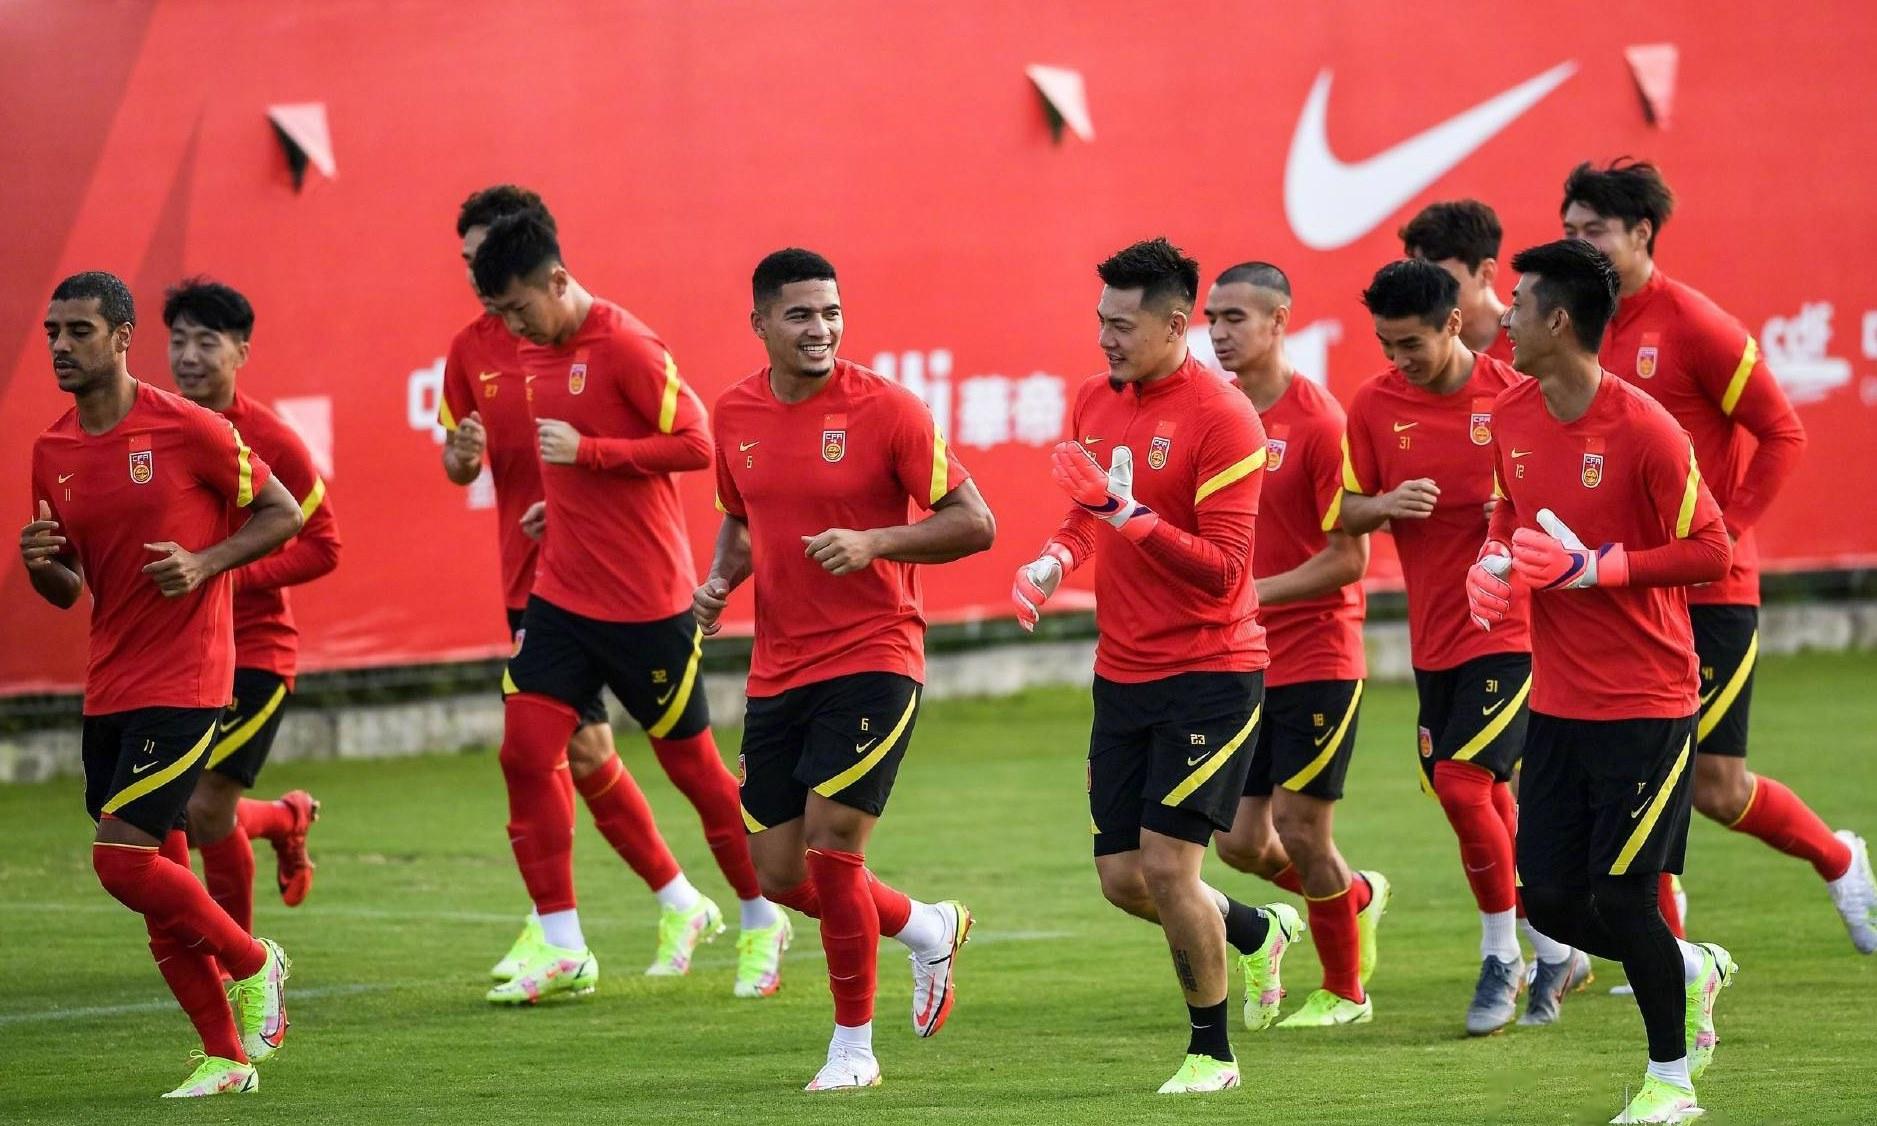 Các tuyển thủ Trung Quốc trên sân tập chiều 25/8. Ảnh: Sohu